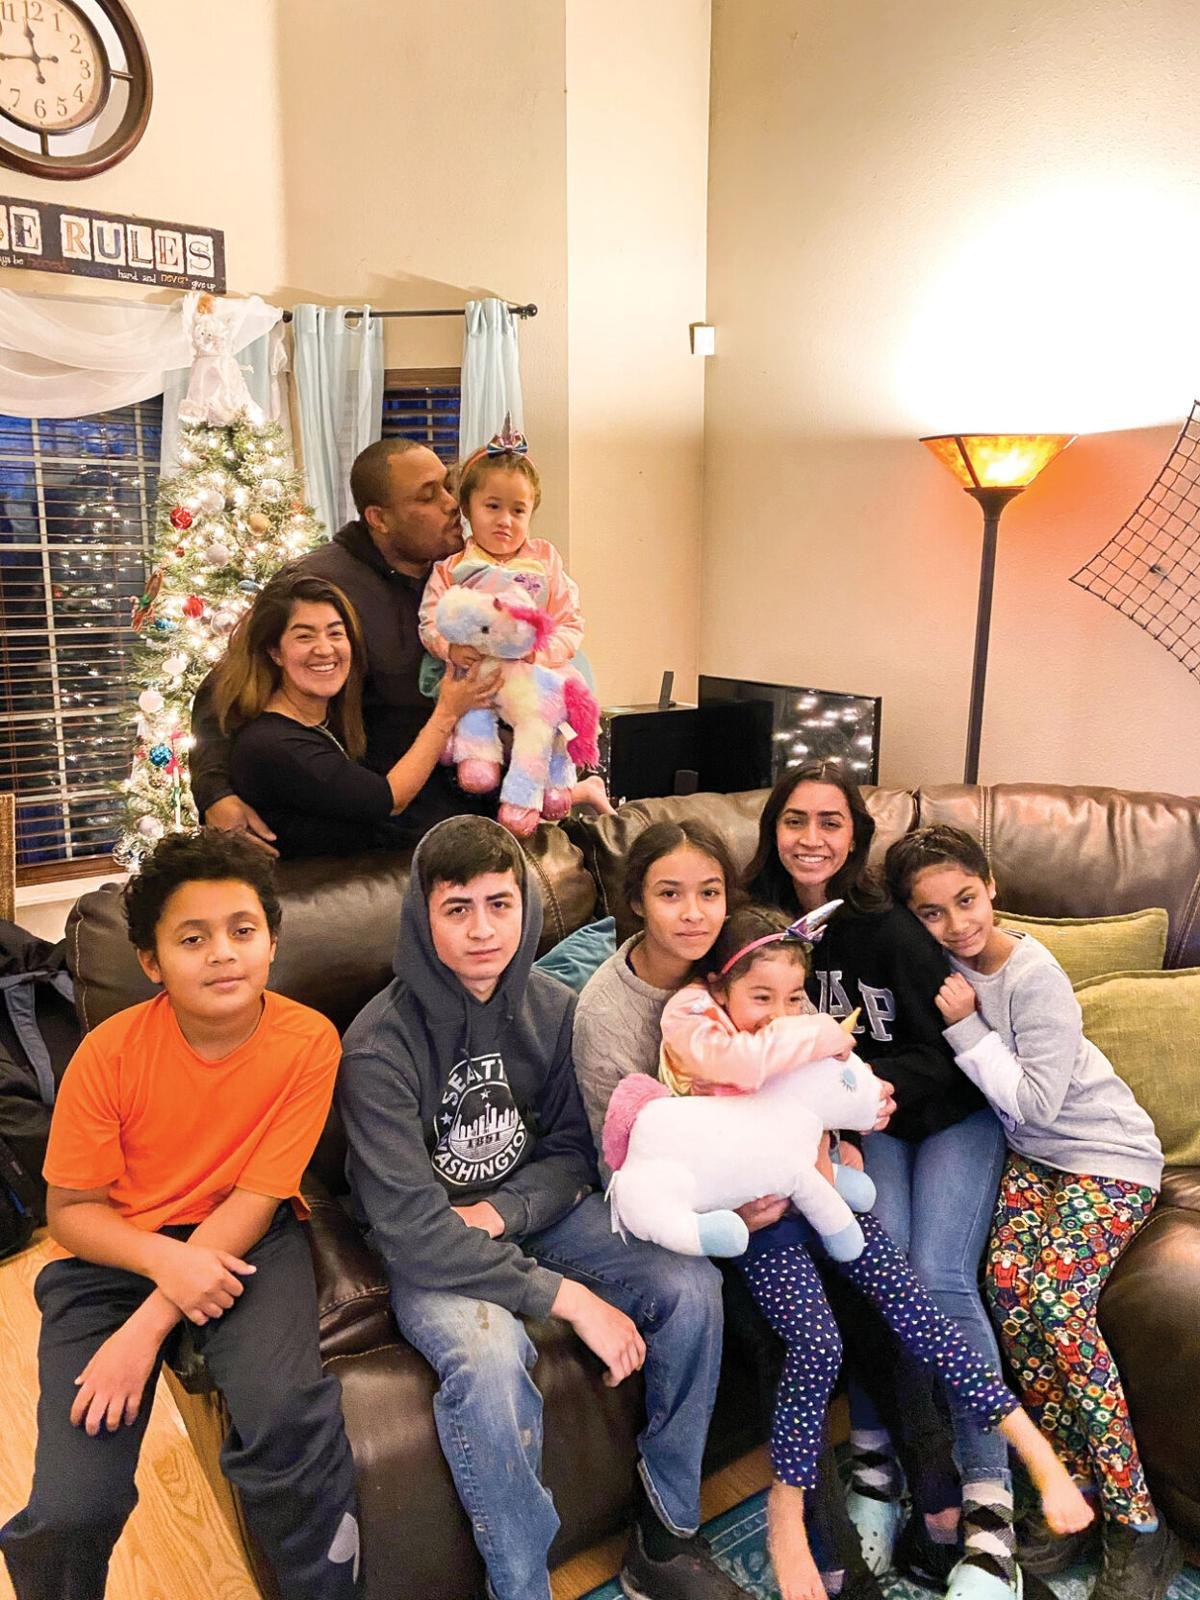 A BLENDED FAMILY